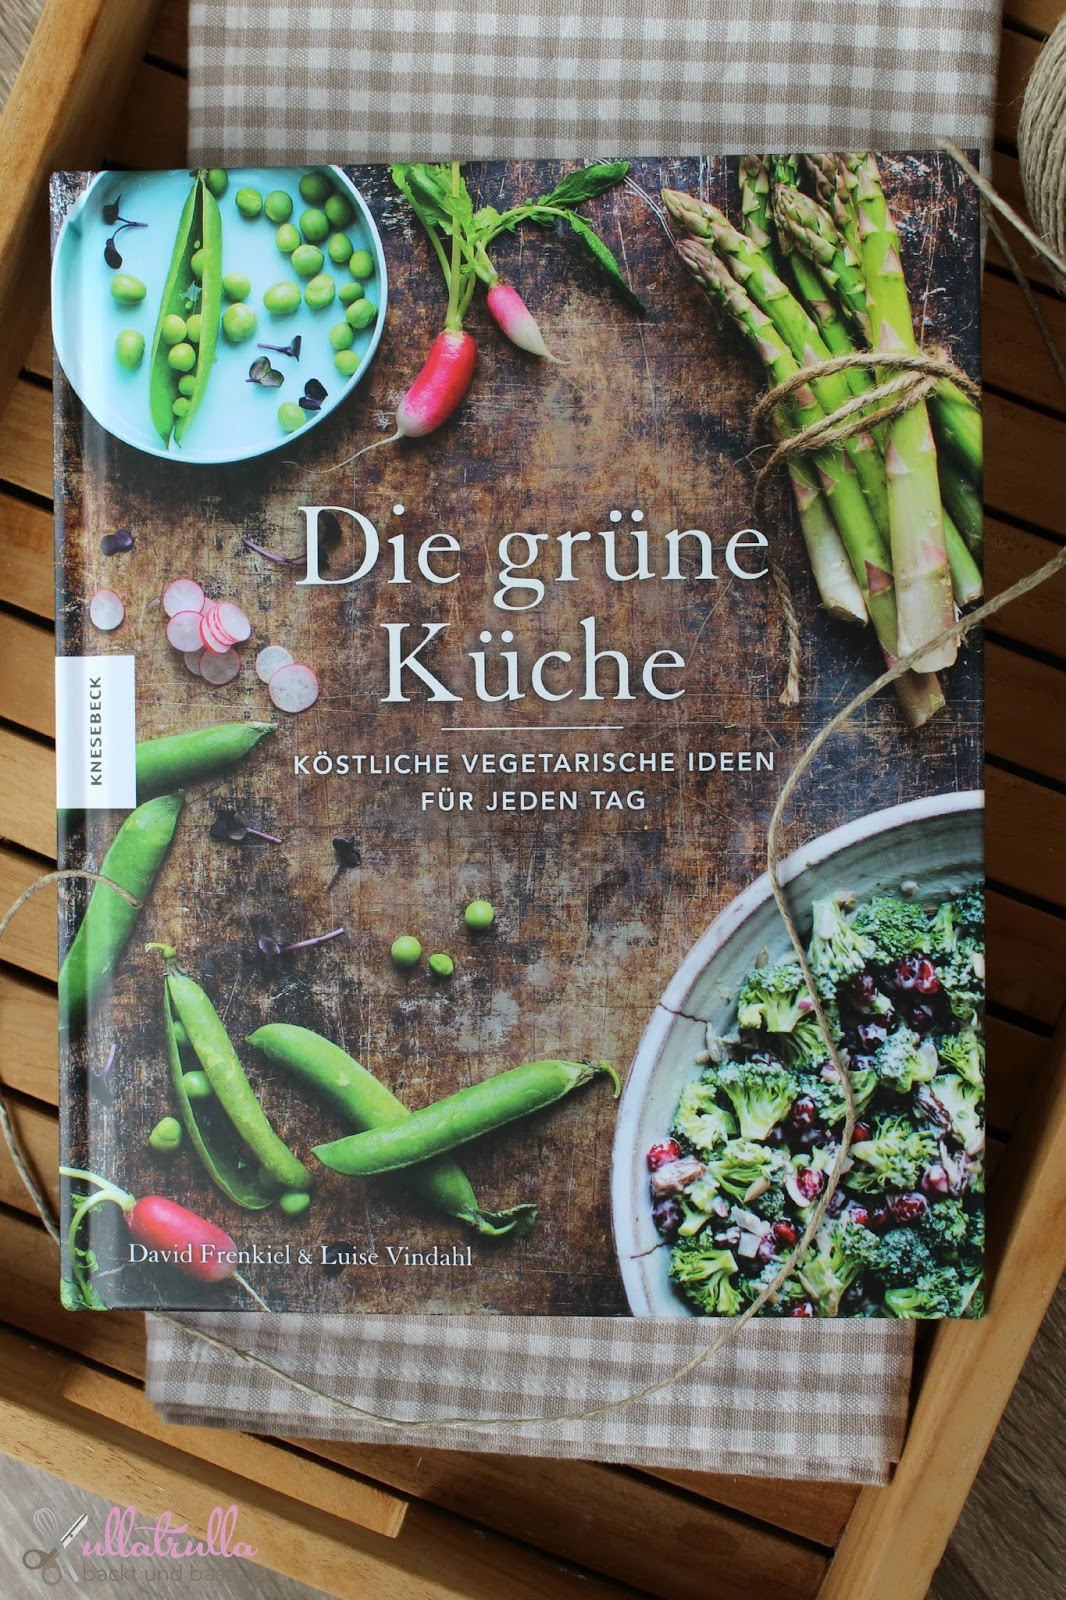 ullatrulla backt und bastelt: Die grüne Küche - mein neues ...